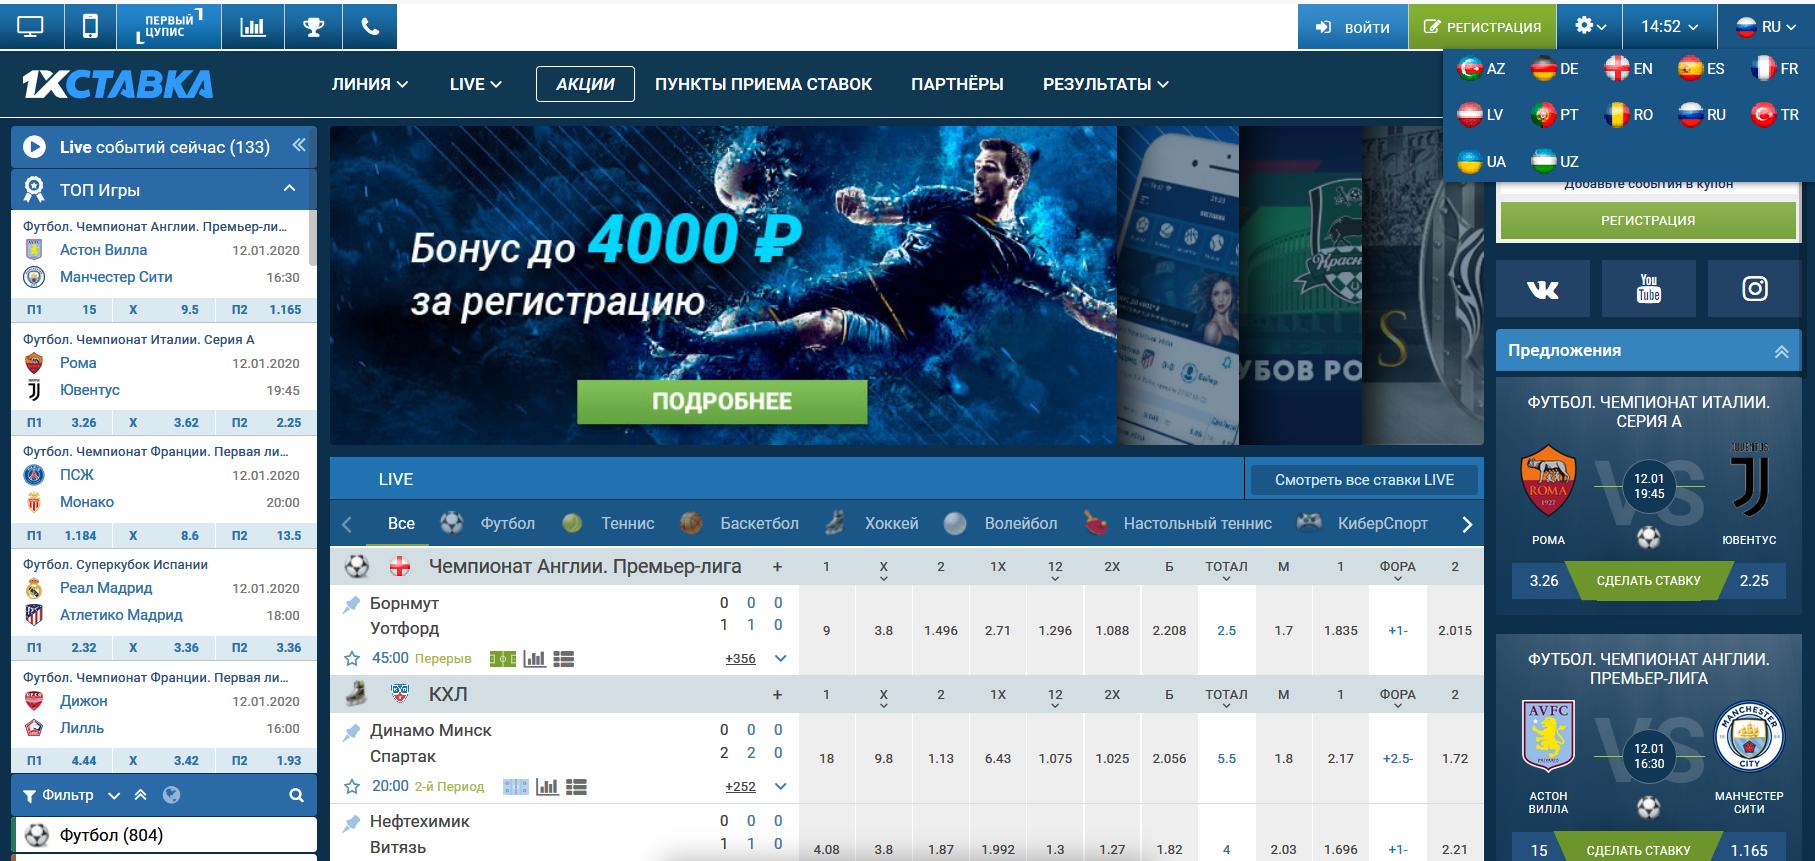 сайт официальный в полная рублях на версия 1xbet русском